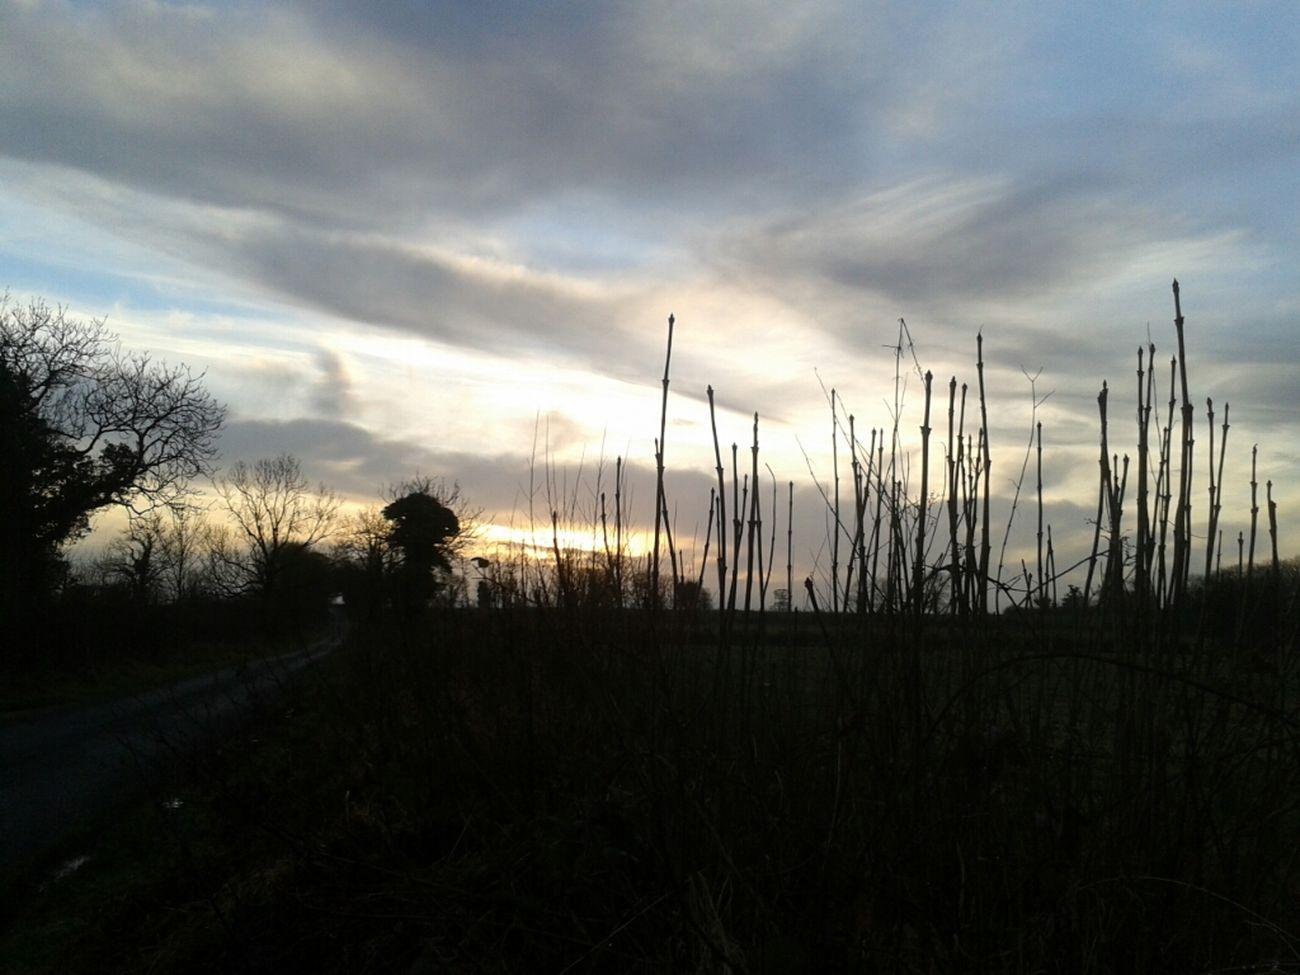 this evening's horizon #skies #horizom #amlp Horizon #amlp This Evening's Horizon Skies